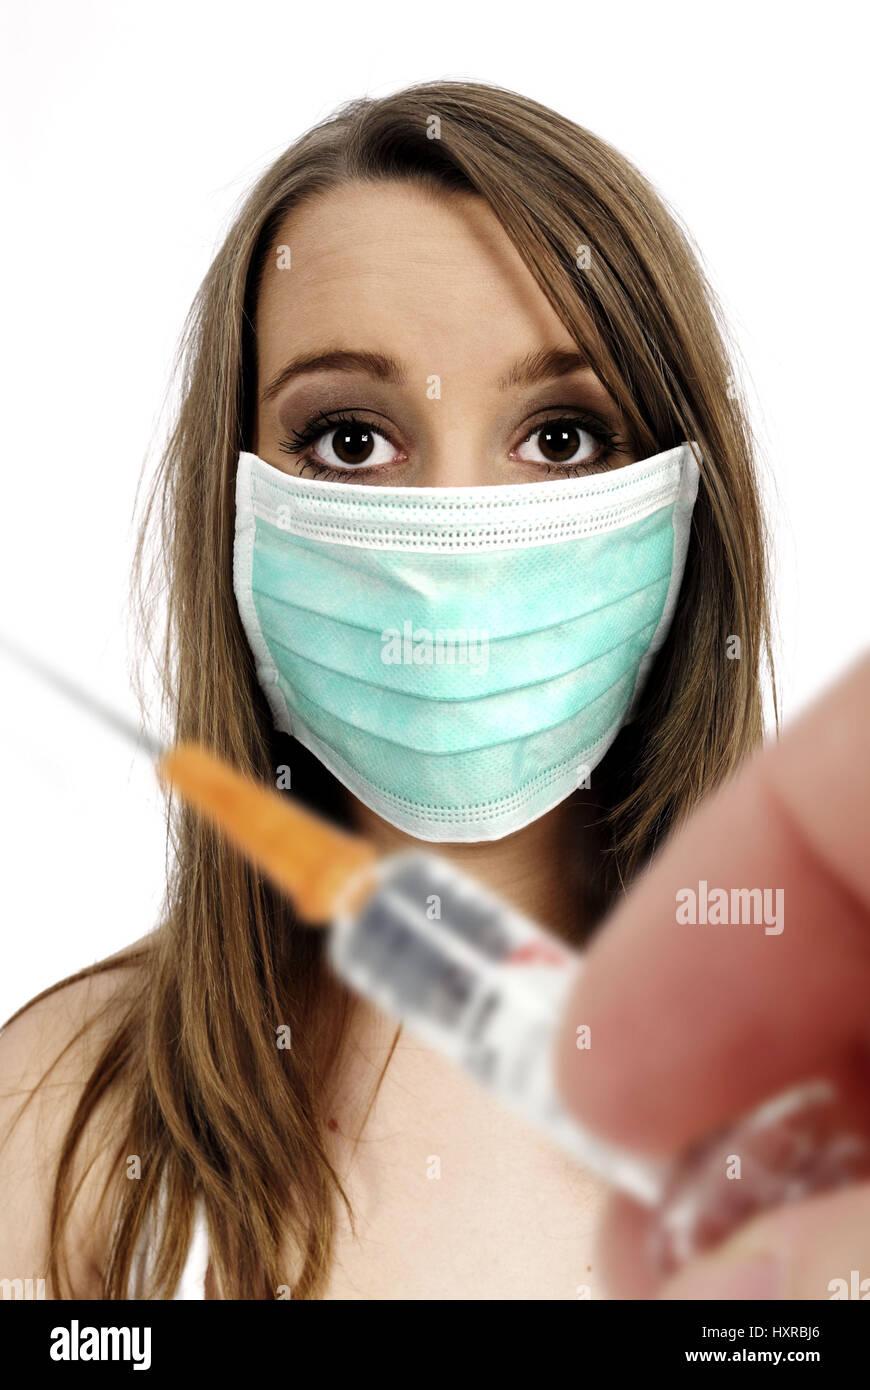 Woman with mask, vaccination against the pork influenza, Frau mit Mundschutz, Impfung gegen die Schweinegrippe Stock Photo